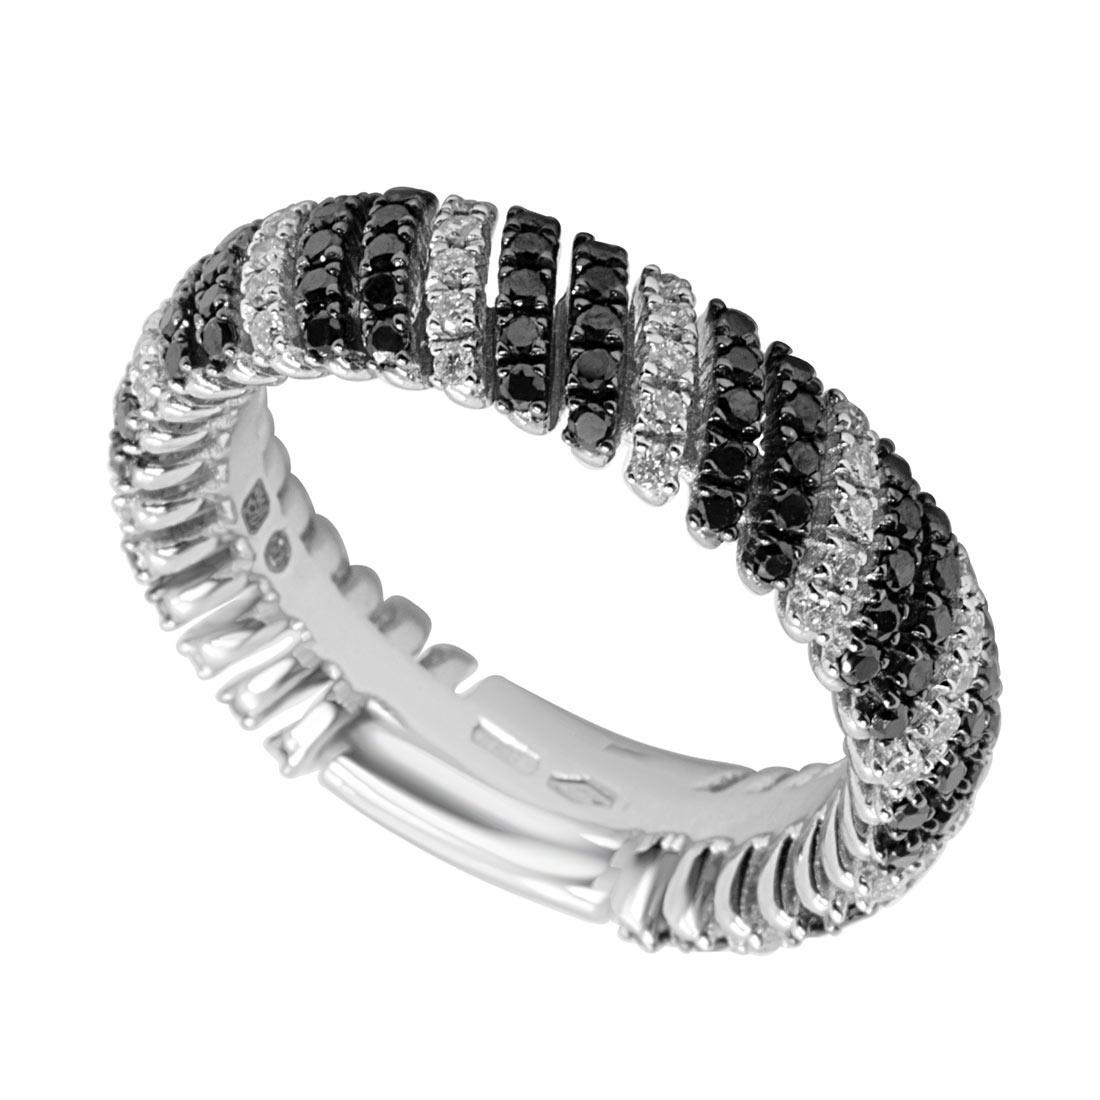 Anello a fascia in oro bianco con diamanti bianchi e neri mis 14 - ALFIERI & ST. JOHN